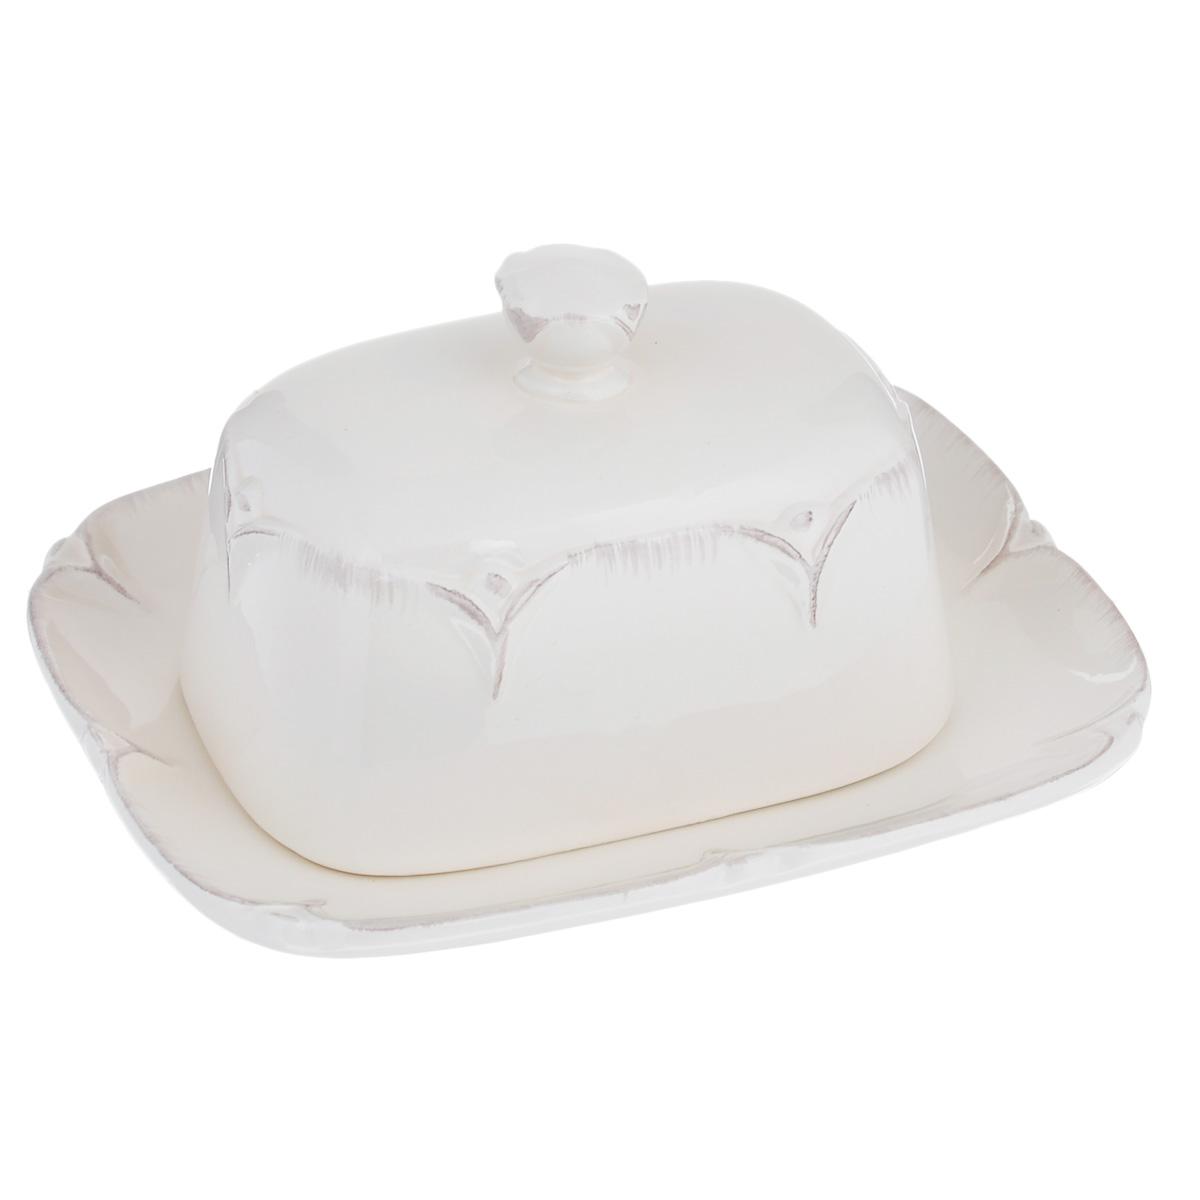 Масленка Lillo Ideal, цвет: молочный115510Масленка Lillo Ideal, изготовленная из керамики, предназначена для красивой сервировки и хранения масла. Она состоит из крышки с удобной ручкой и подноса. Масло в ней долго остается свежим, а при хранении в холодильнике не впитывает посторонние запахи. Гладкая поверхность обеспечивает легкую чистку. Можно мыть в посудомоечной машине. Размер подноса: 18,5 см х 14,5 см х 2,5 см. Размер крышки: 13 см х 9 см х 9 см.